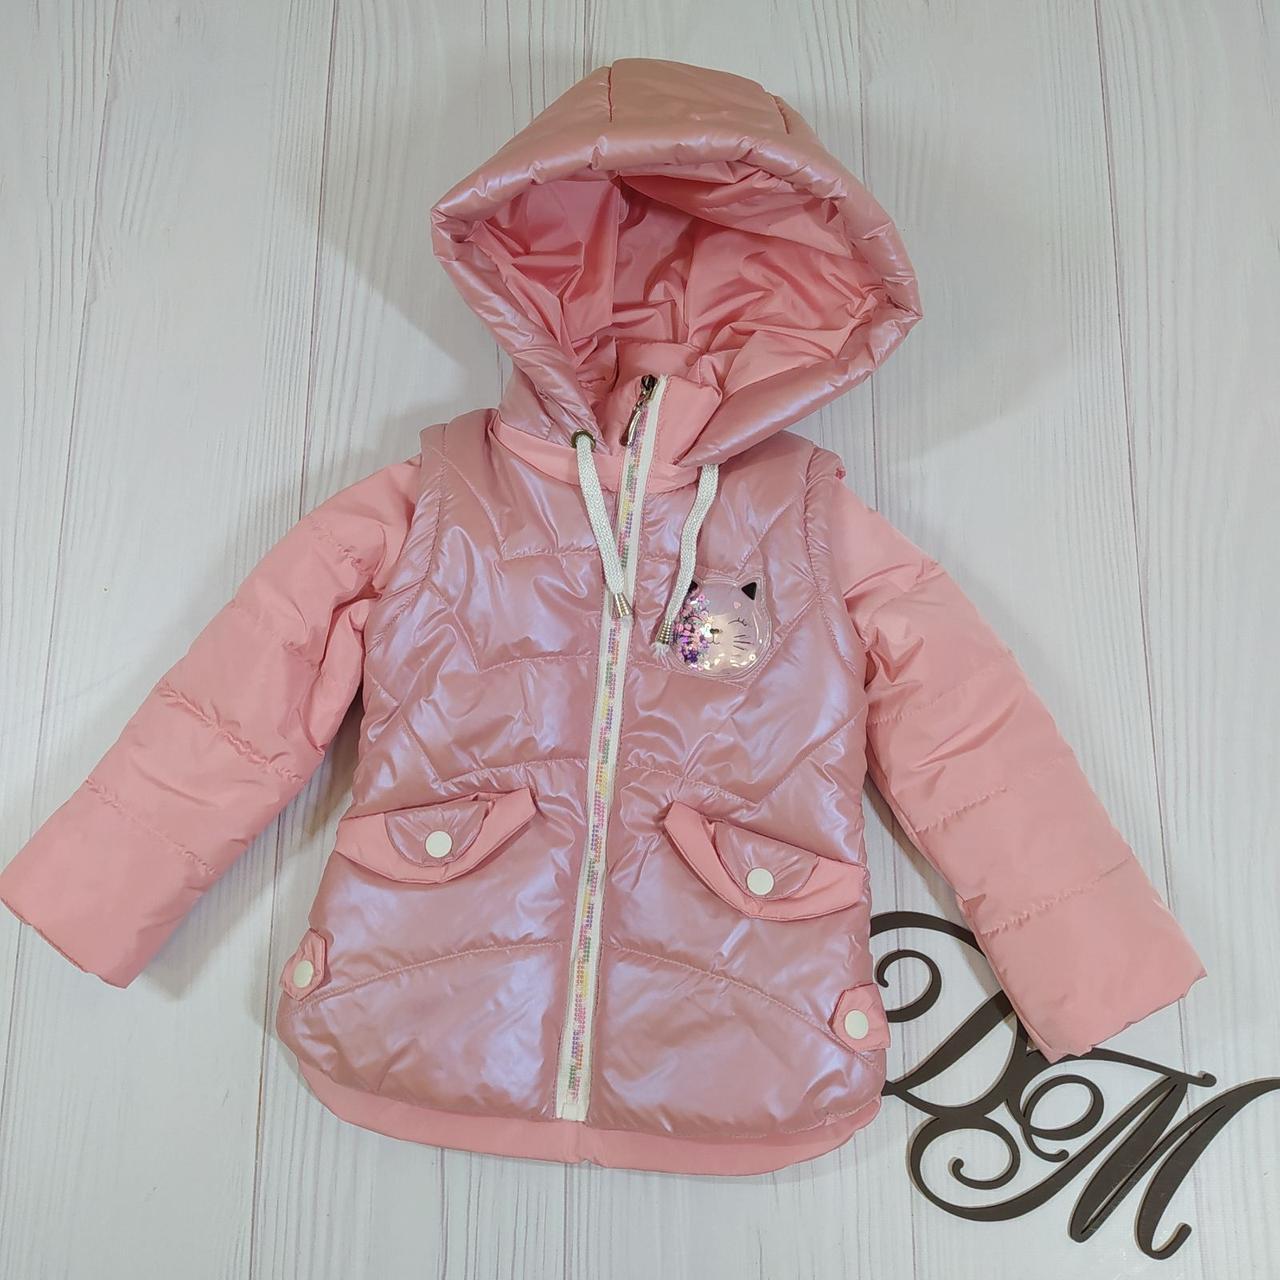 """Куртка жилет для девочки на трикотажной подкладке """"Крошка Нью"""" розовая 92"""